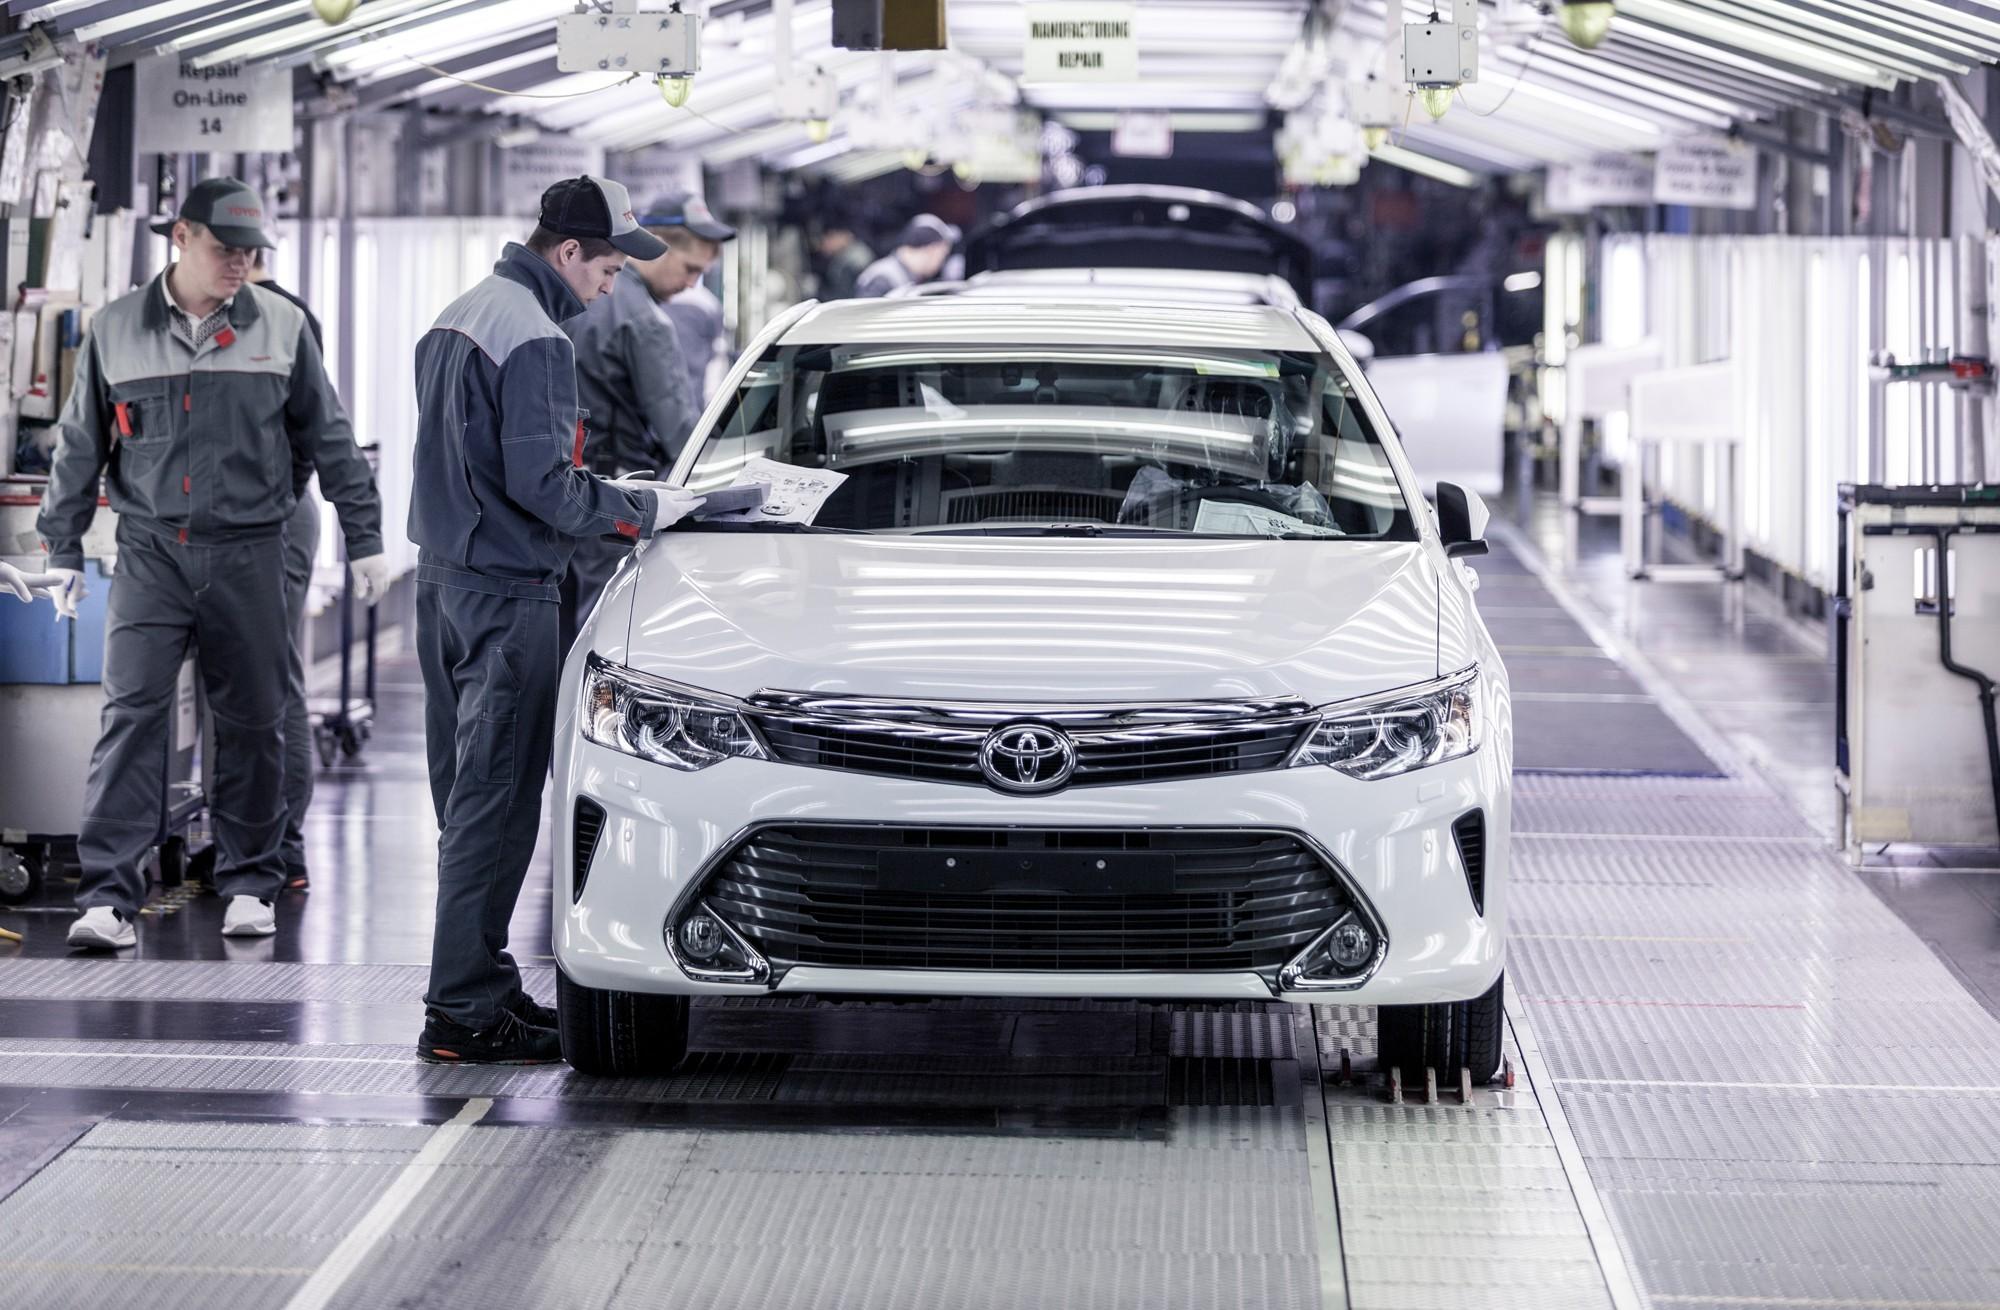 В России увеличился выпуск легковых автомобилей в 2021 году на треть